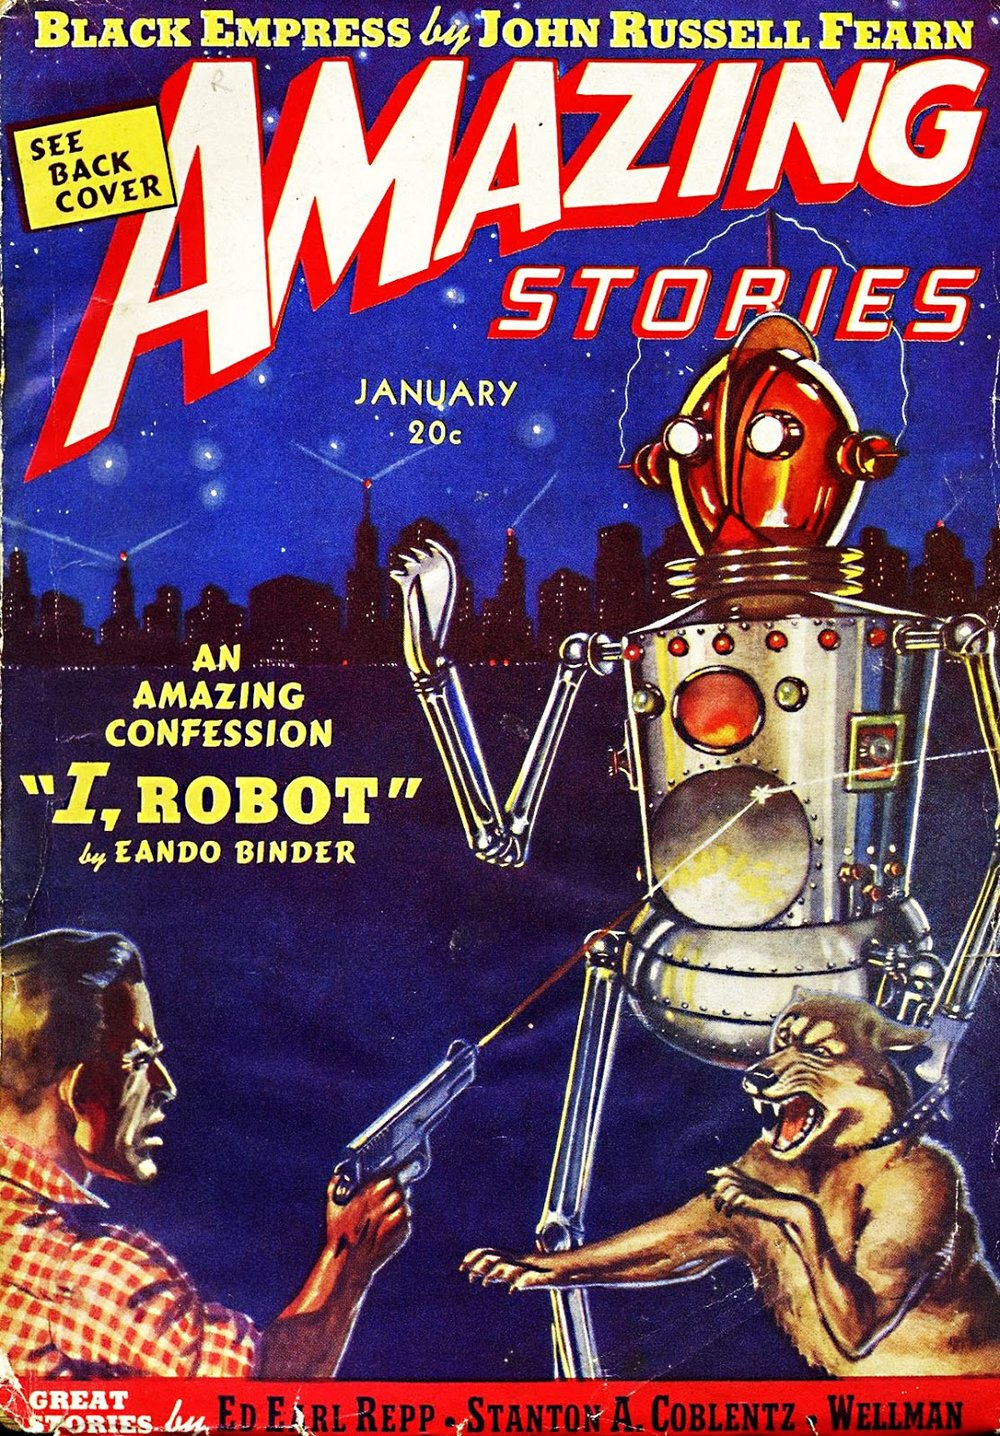 1939-01 Amazing Stories by Robert Fuqua.jpg